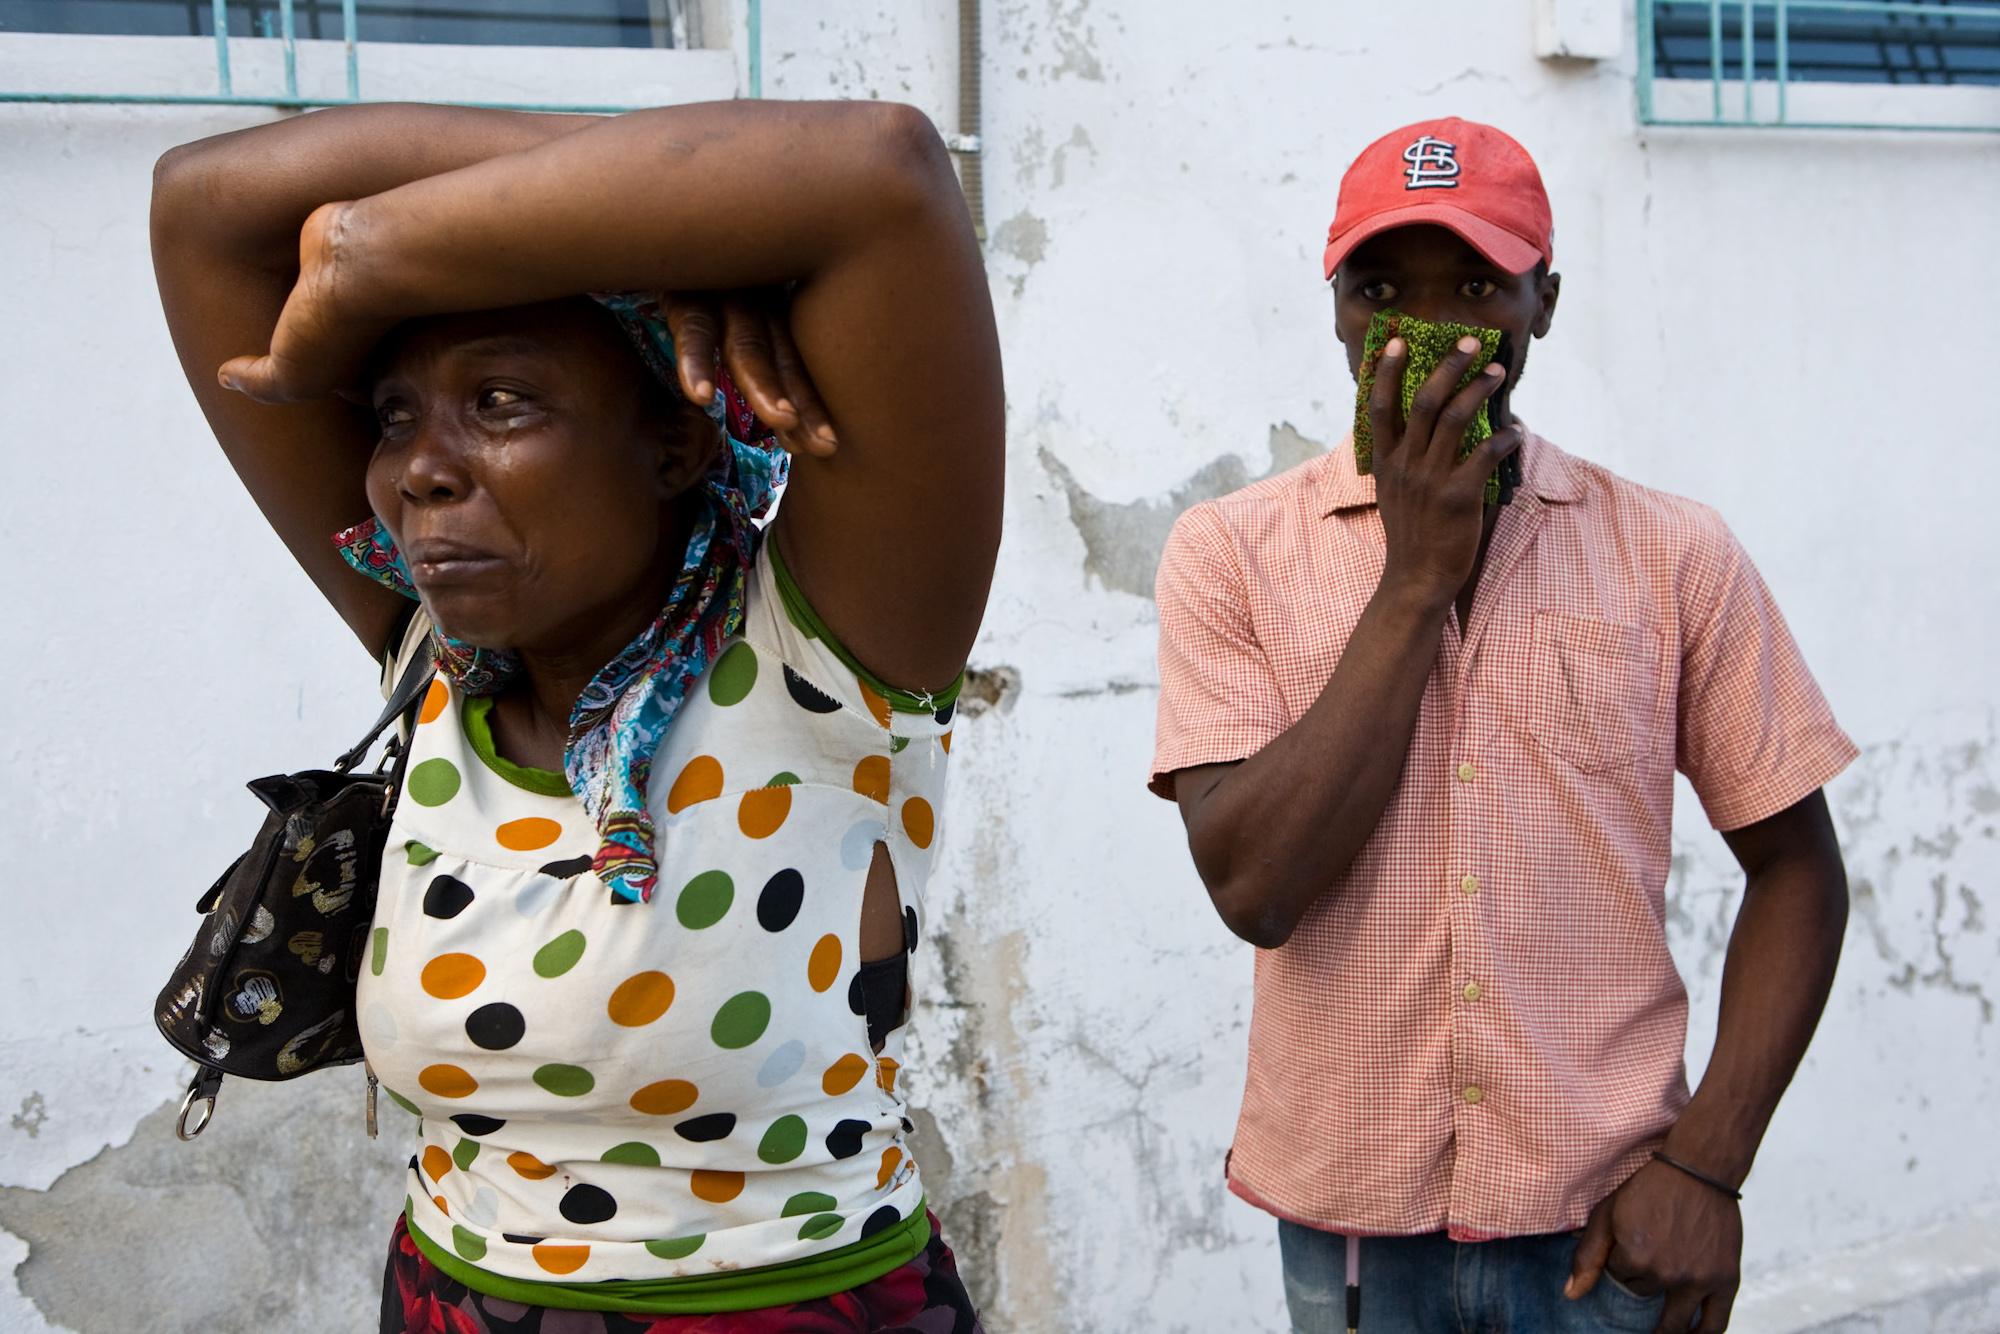 Haiti_Earthquake_new_seq_010.jpg